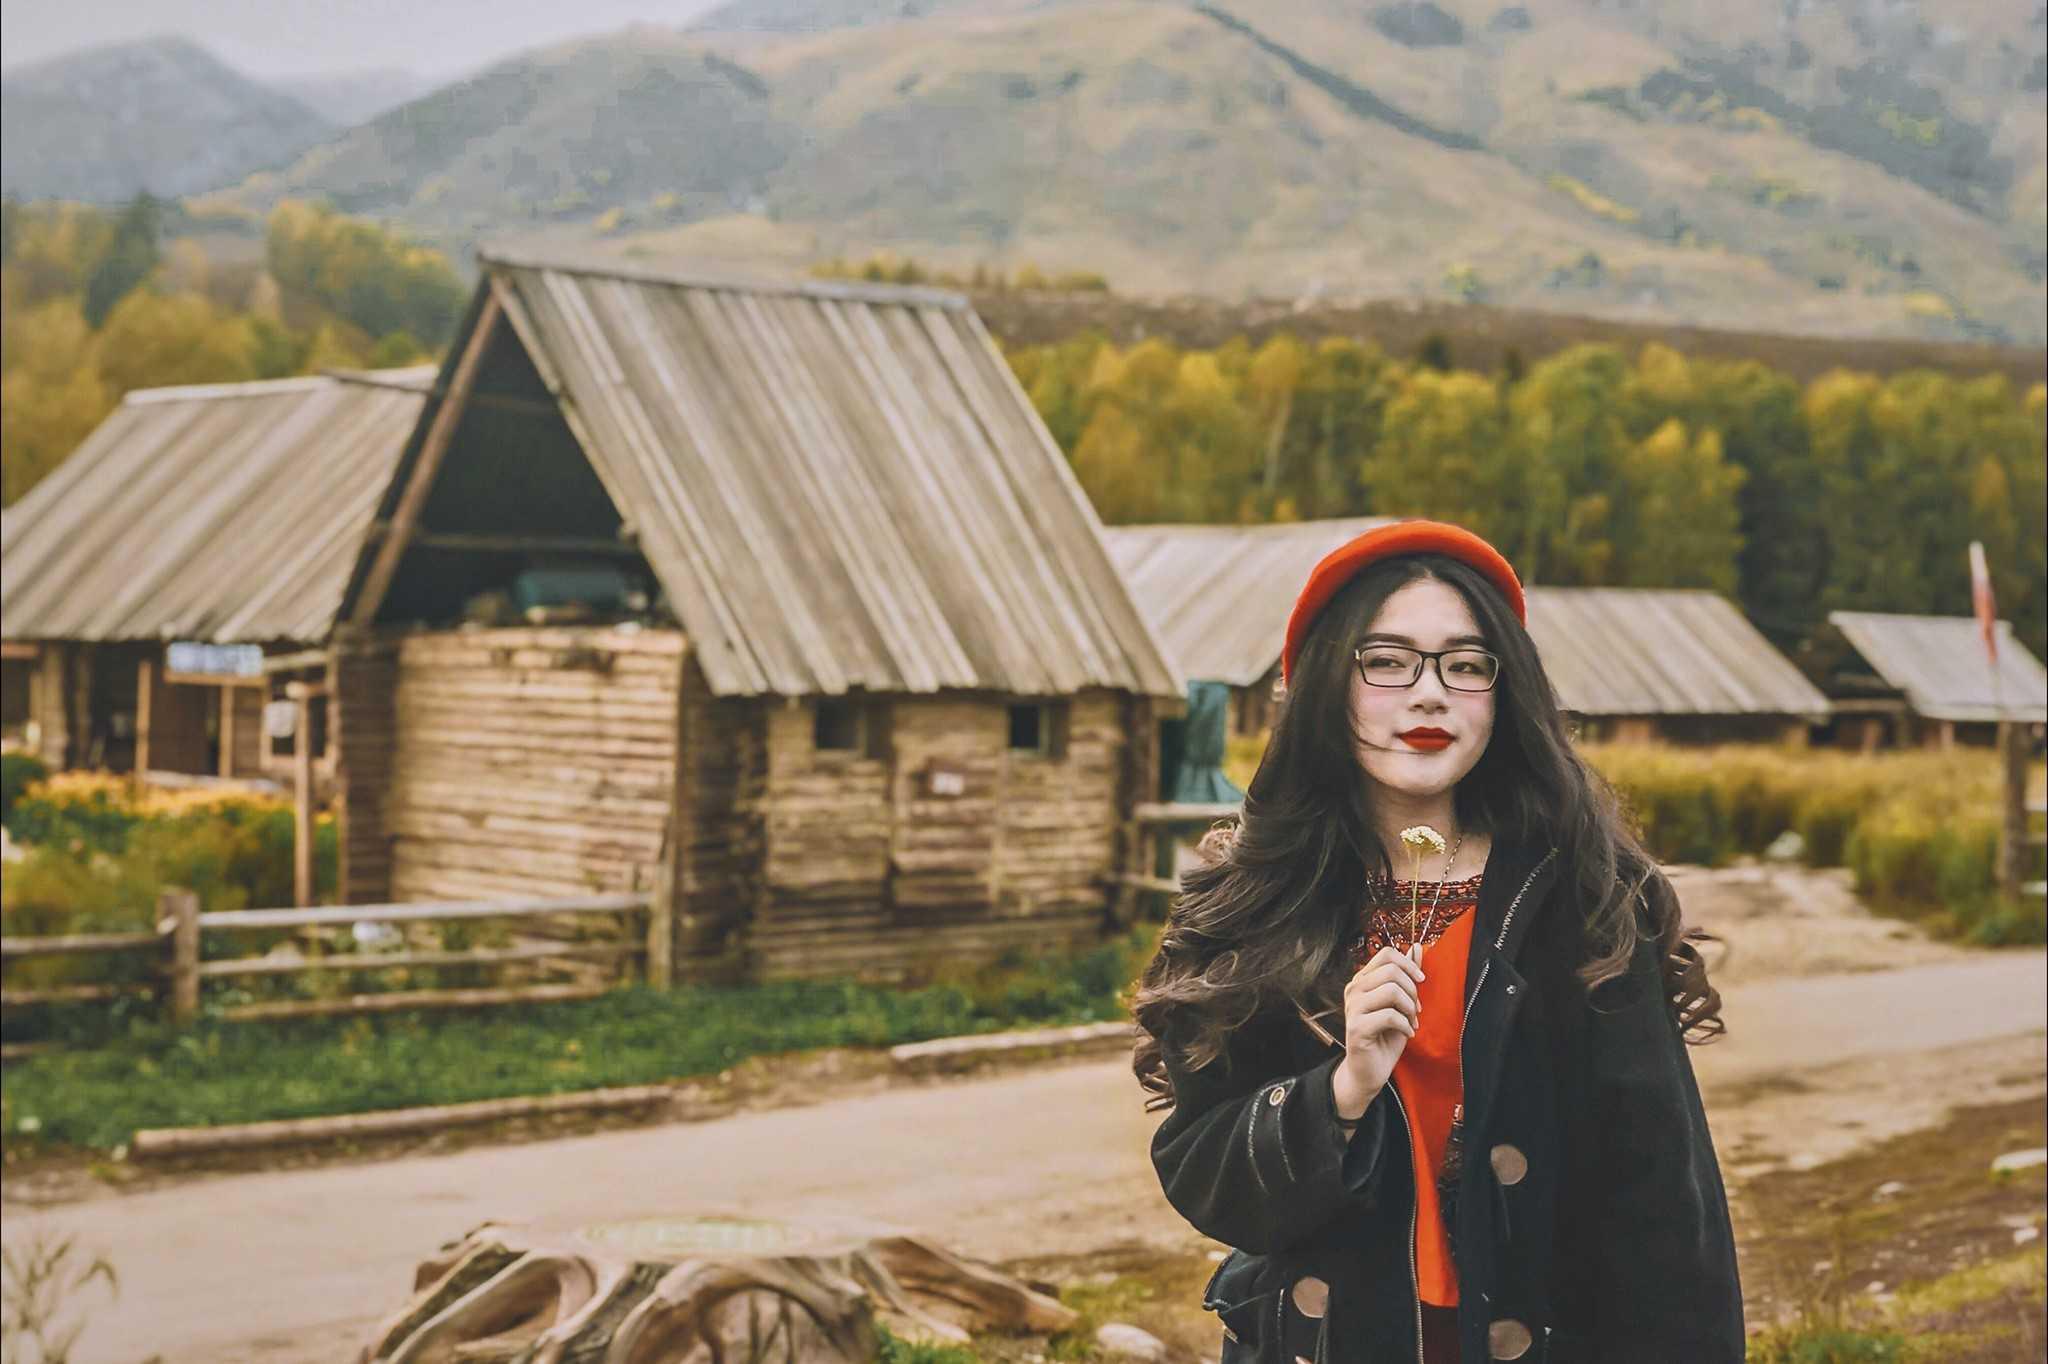 Áo khoác dạ lên hình xinh sương sương thế thôi. Cr: Phạm Thảo trang phục du lịch Hàn Quốc